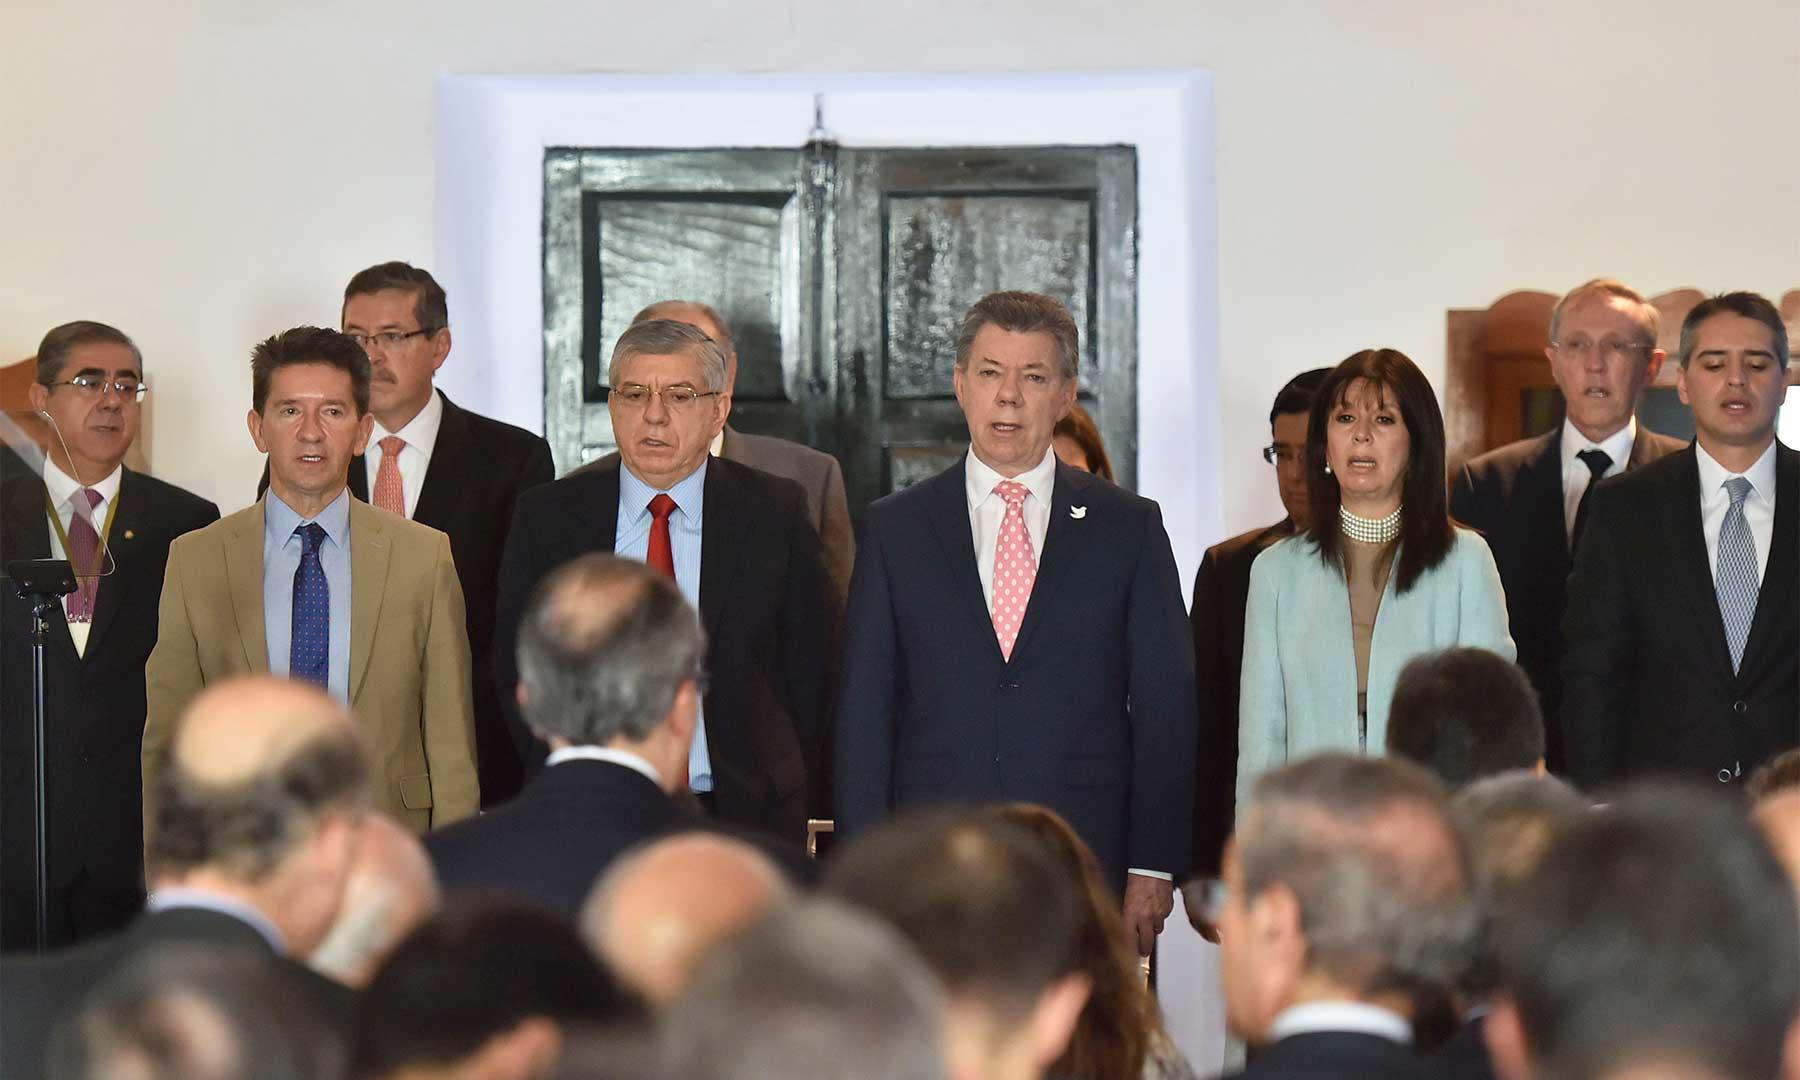 El Presidente Juan Manuel Santos encabezó este lunes el acto conmemorativo de los 25 años de la promulgación de la Constitución Nacional de 1991. El acto fue en Rionegro (Antioquia), con la asistencia de los dignatarios de las Altas Cortes.